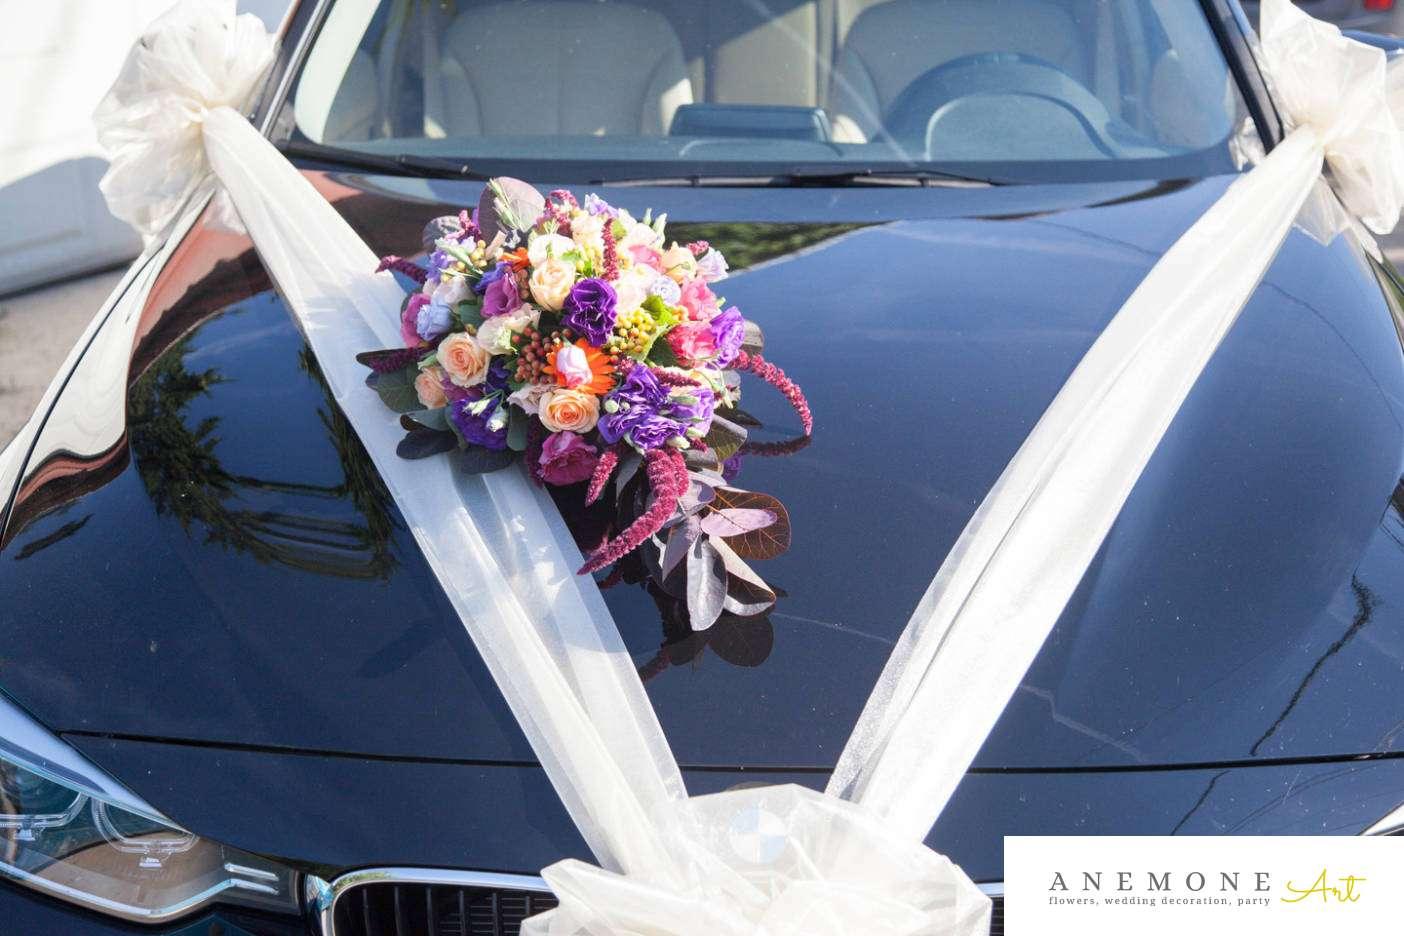 Poza, foto cu Flori de nunta decor masina, mov in Arad, Timisoara, Oradea (wedding flowers, bouquets) nunta Arad, Timisoara, Oradea